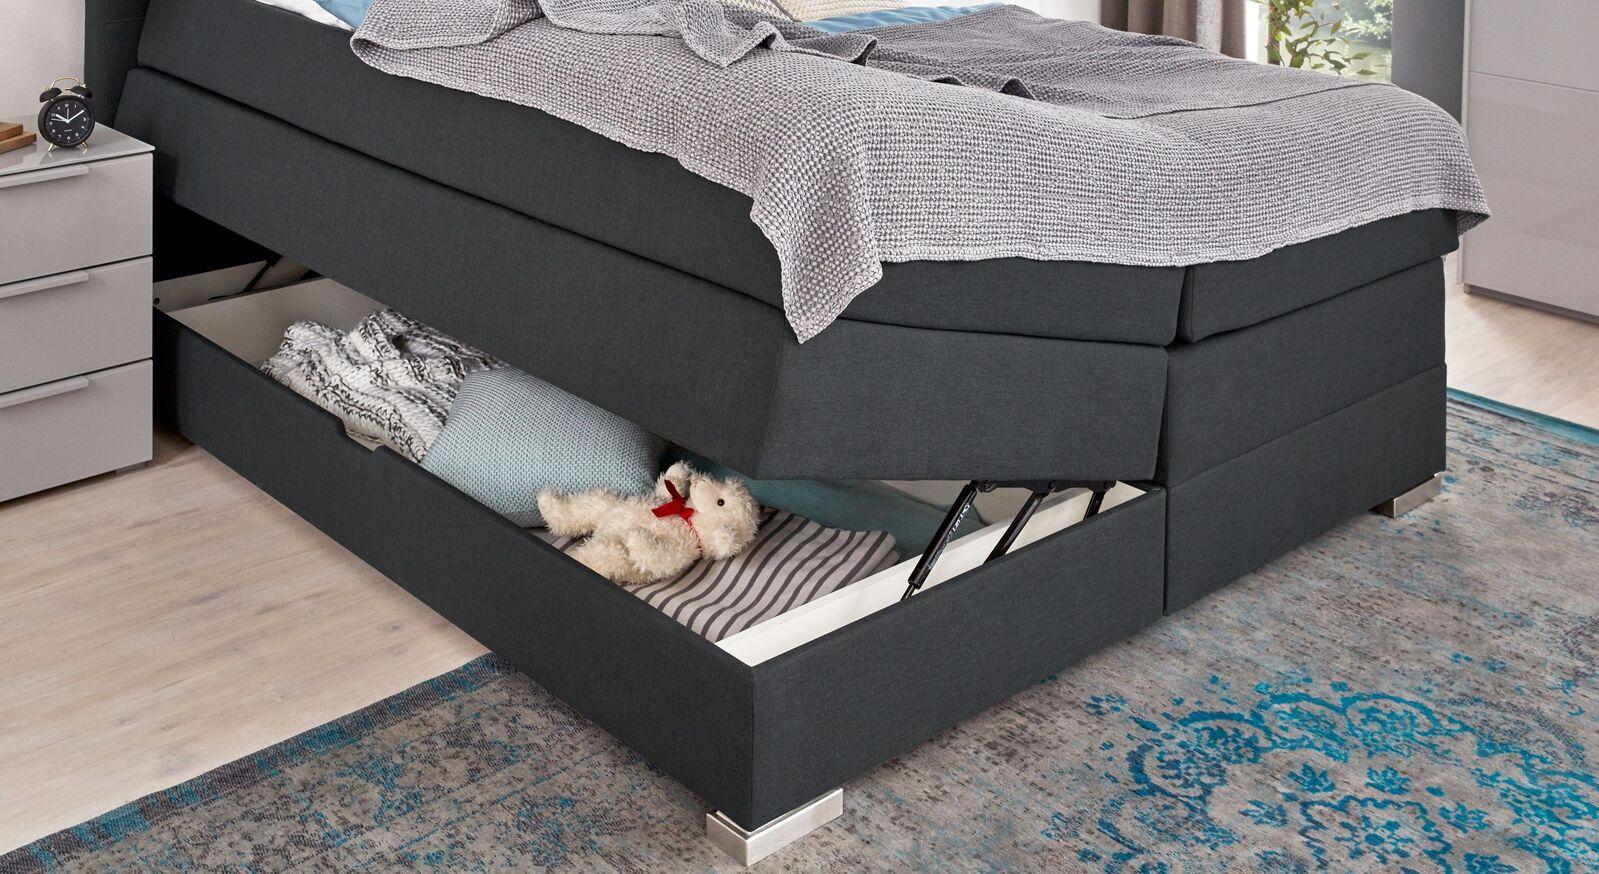 Bettkasten-Boxspringbett Agulo mit integriertem Stauraum